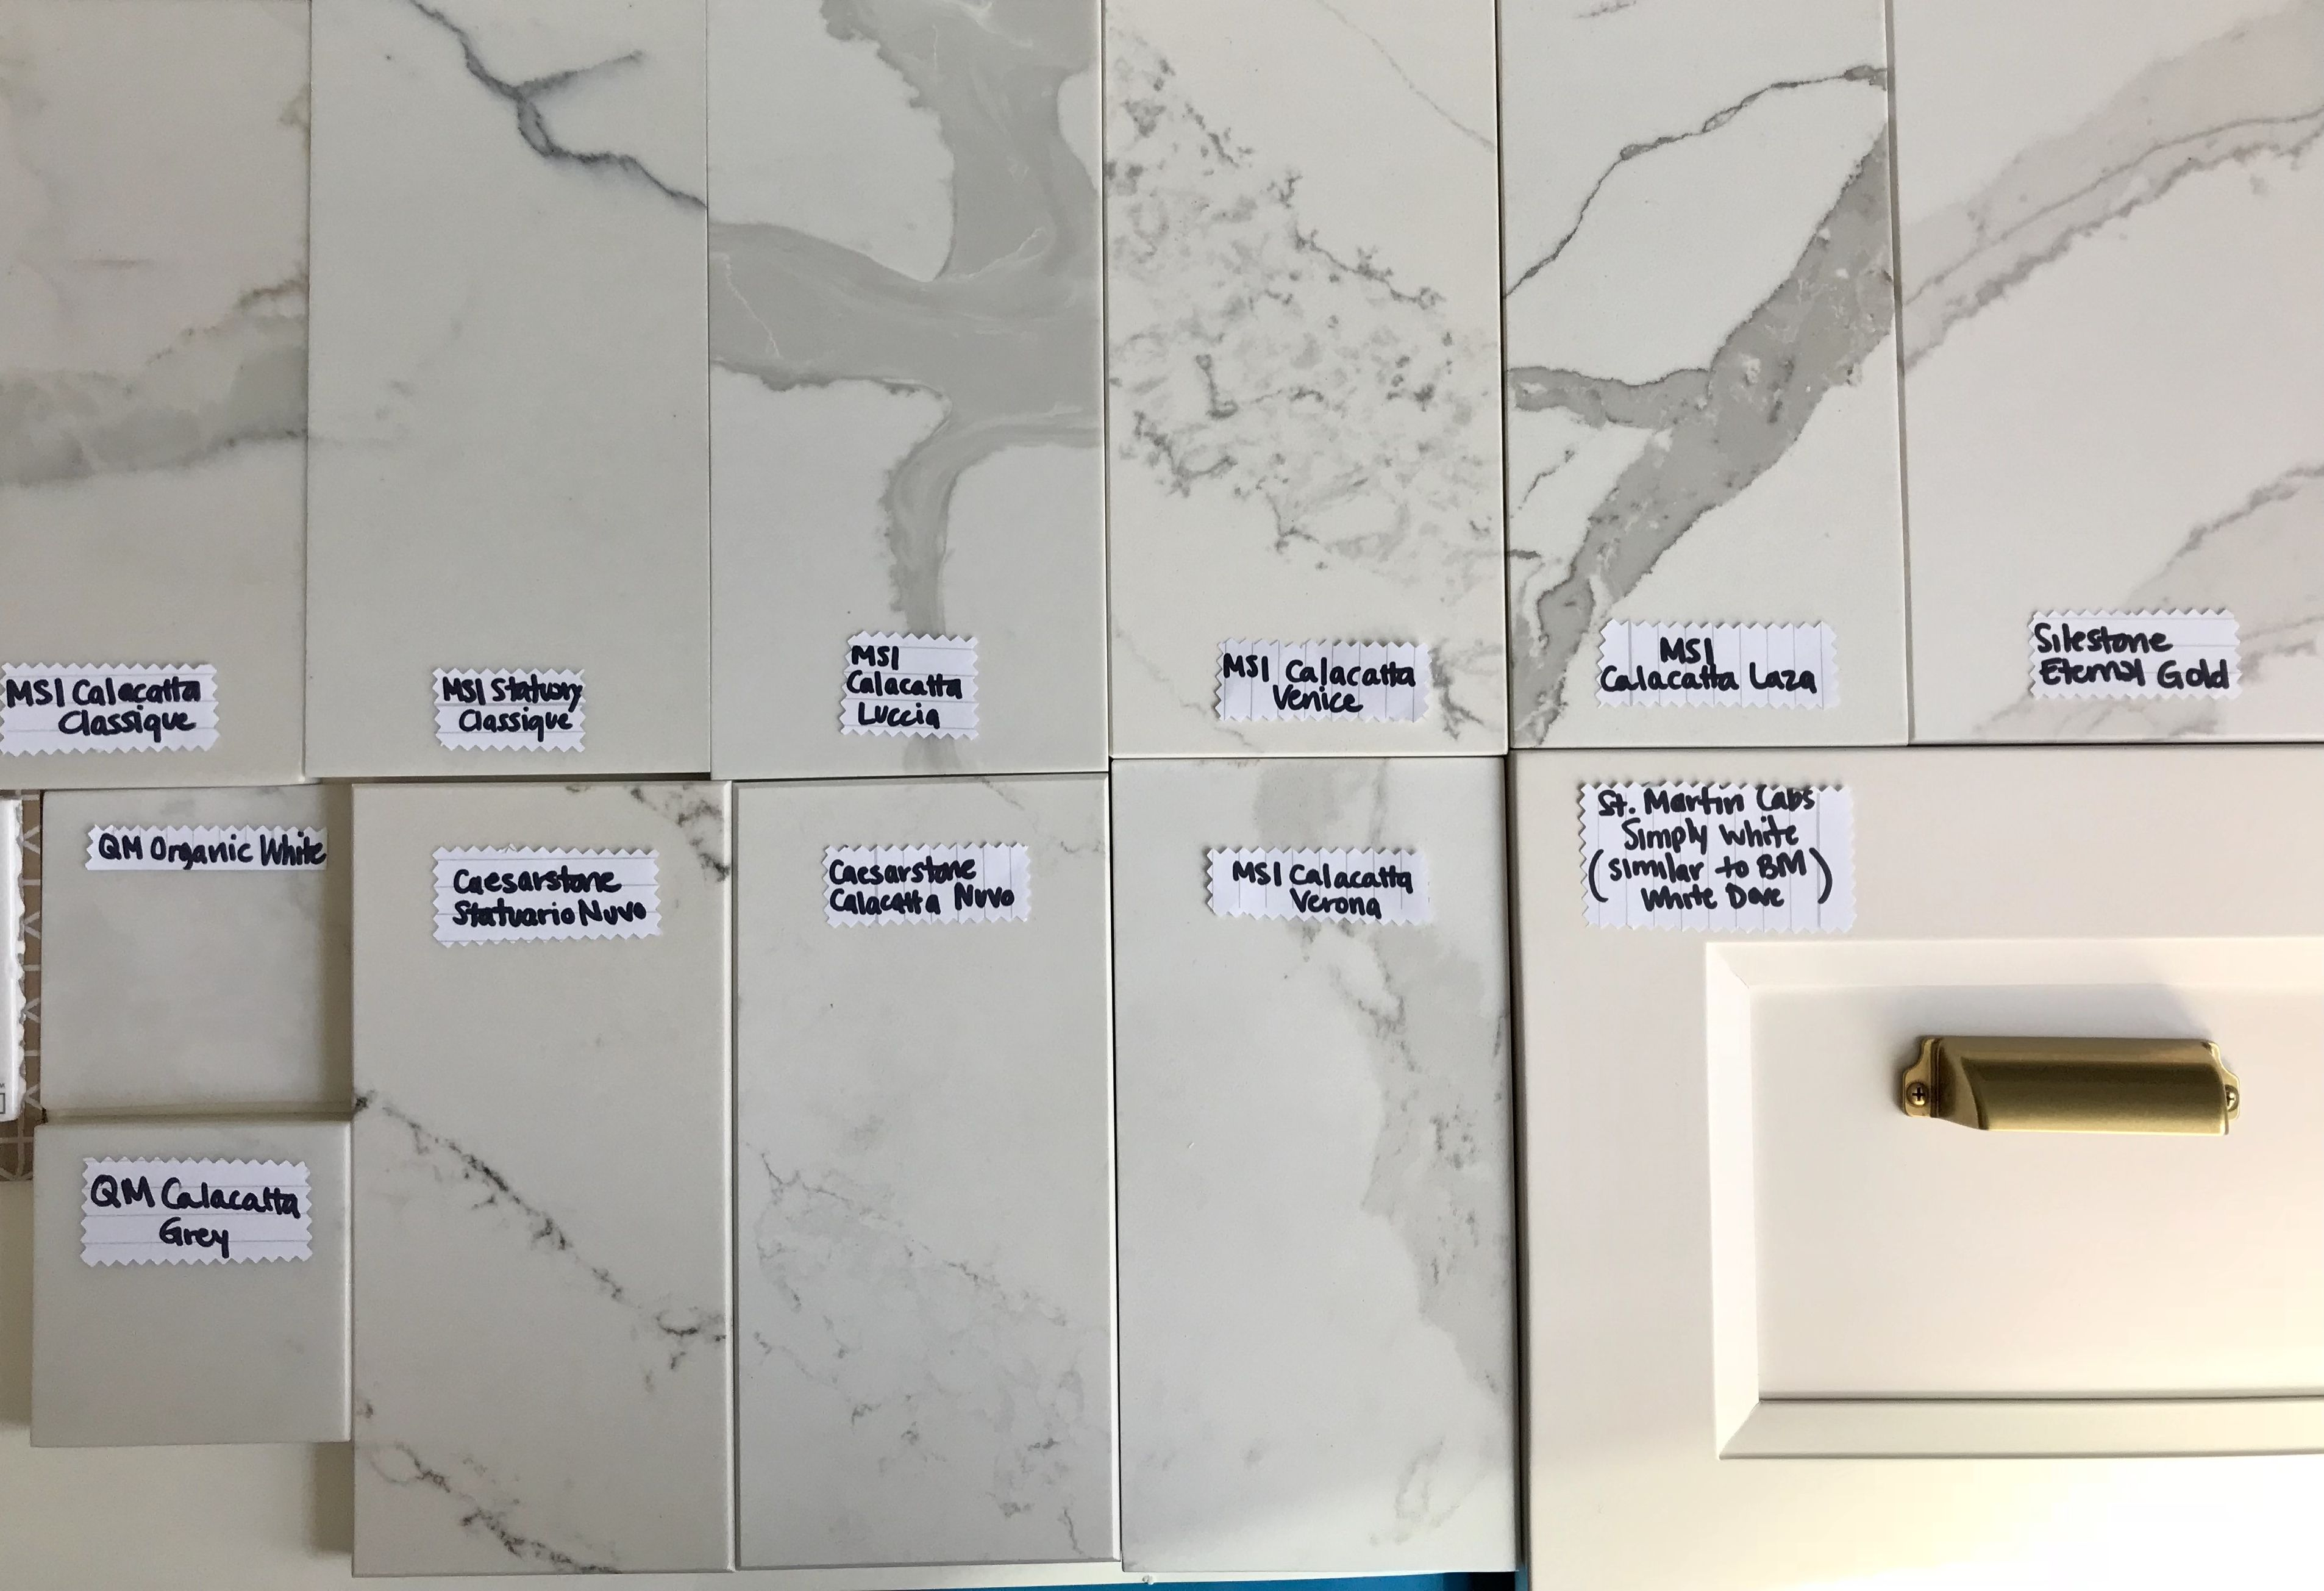 Quartz Samples In Daylight Msi Calacatta Classique Msi